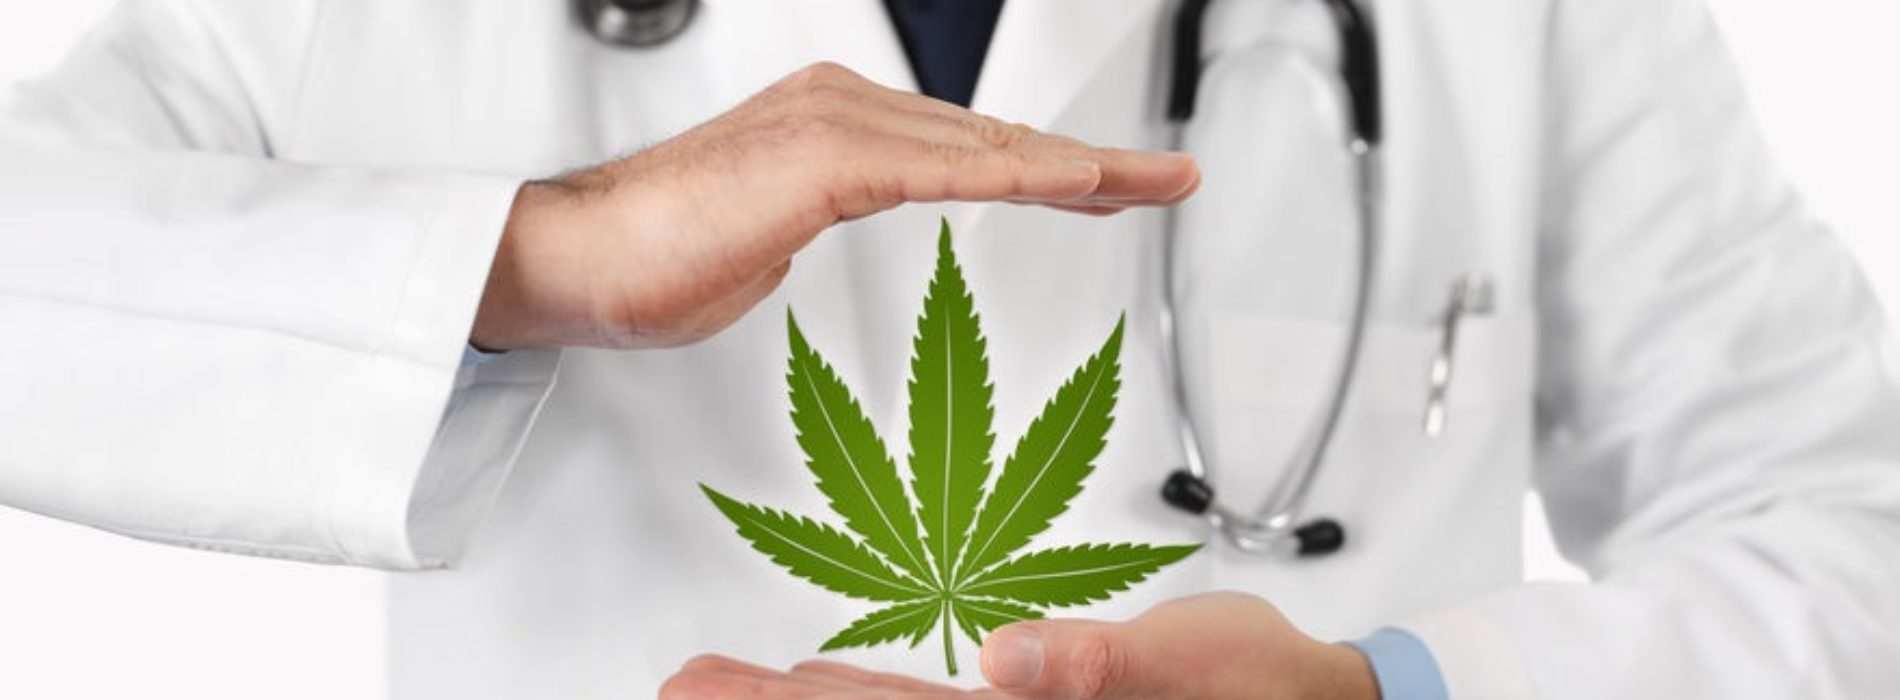 Medyczna marihuana (lecznicza) – Kompendium wiedzy